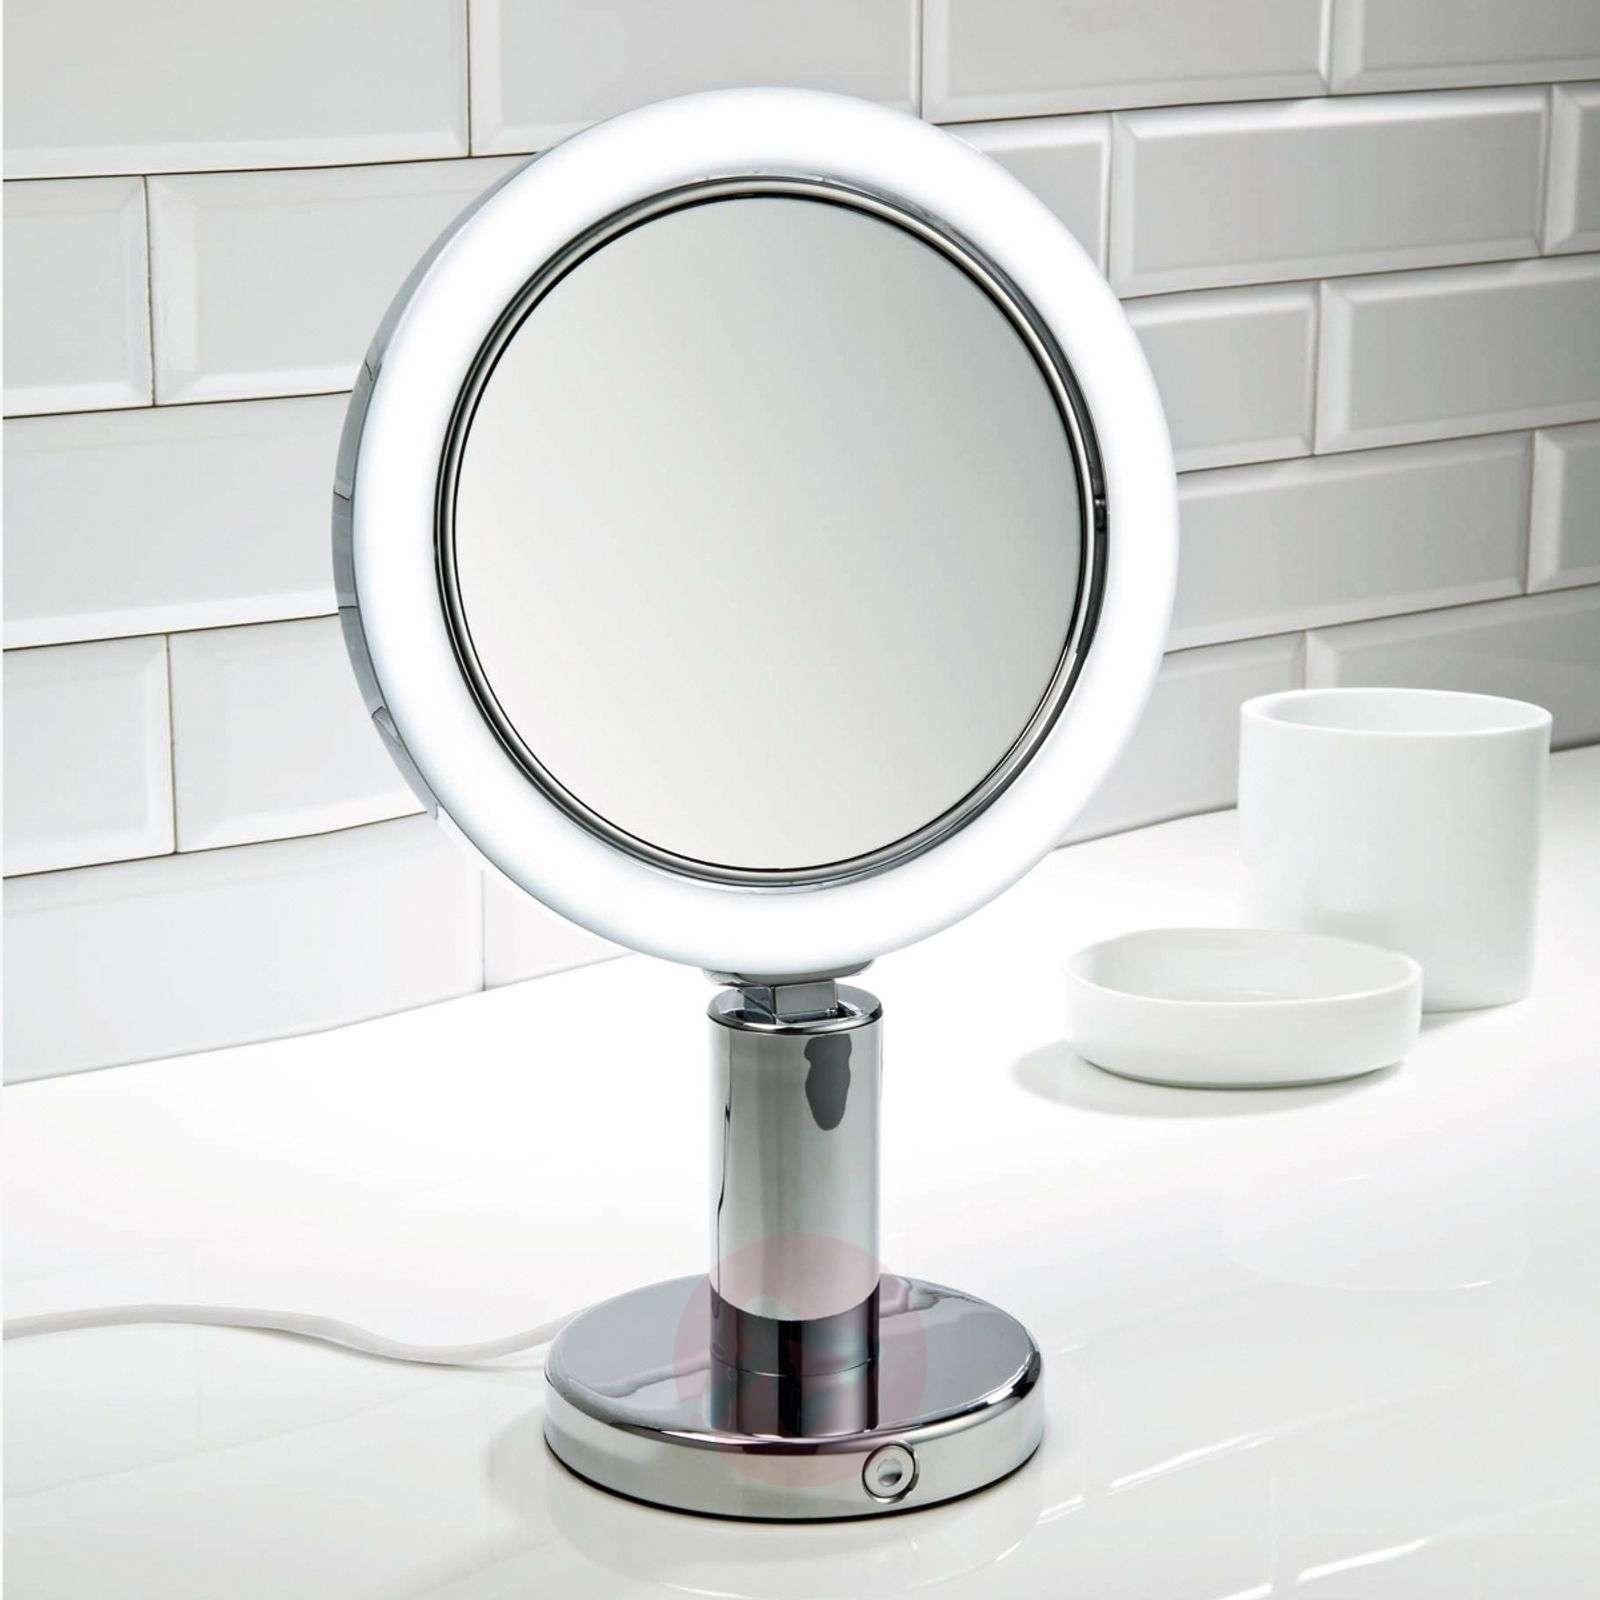 BS 12/V illuminated cosmetic mirror-2504346-01